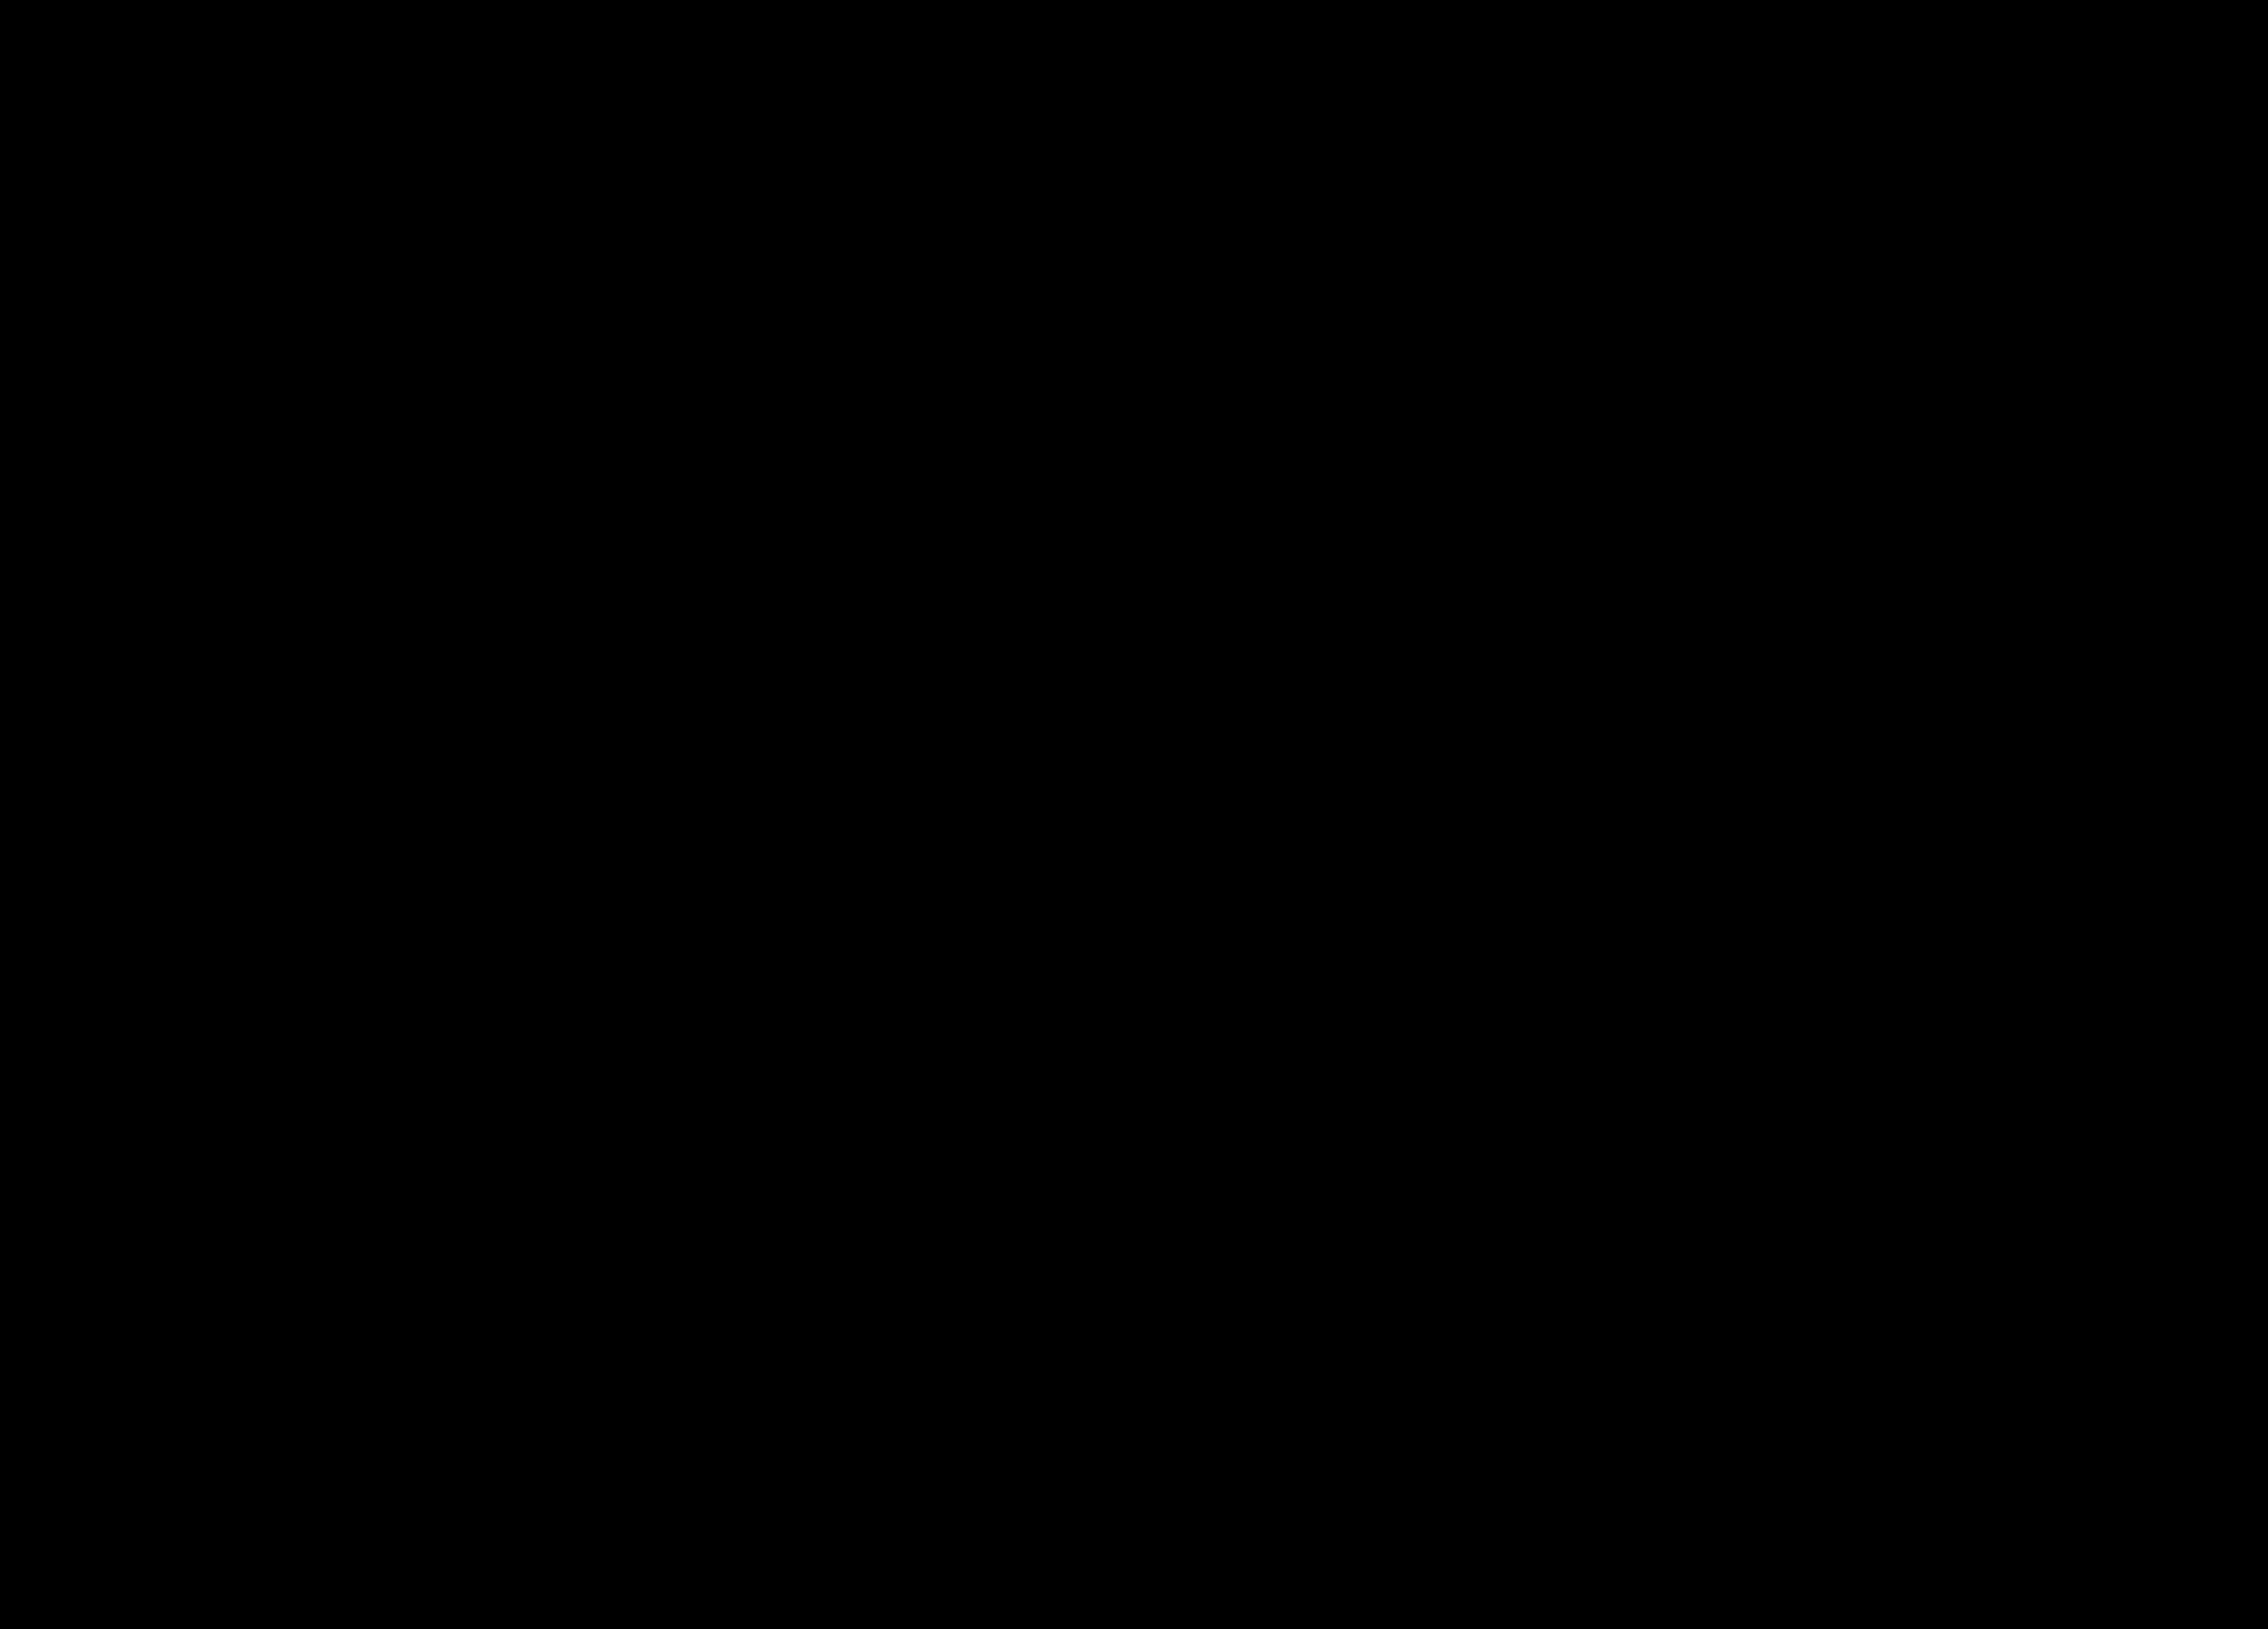 Marvelous St. George Apartments, 1245 Vine Street, Los Angeles, CA, 1928 (